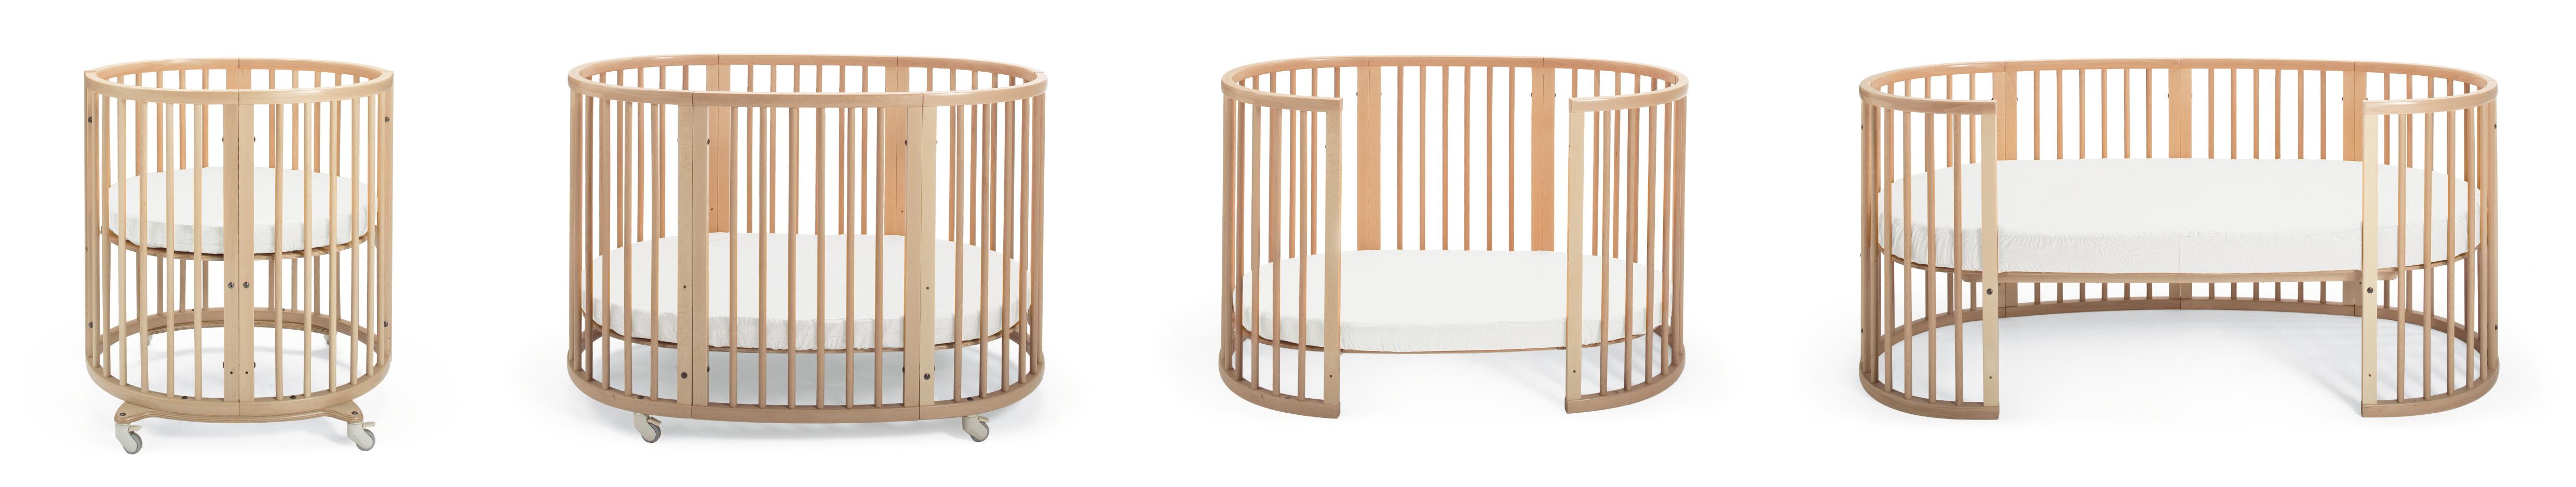 Lettino culla stokke costo idee per interni e mobili - Sponde letto bimbi ...